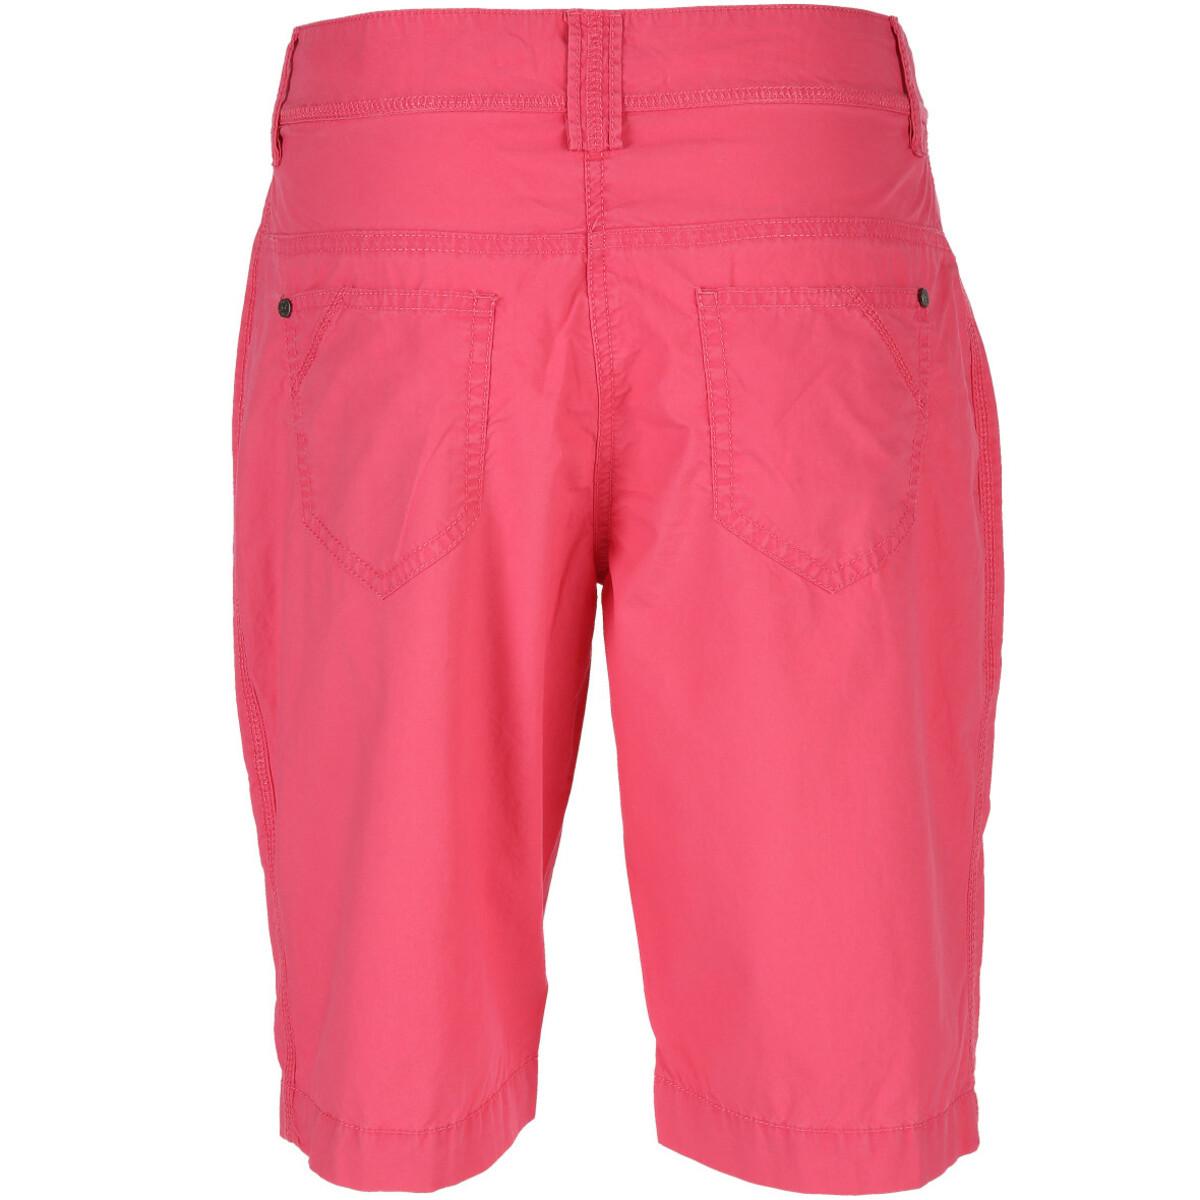 Bild 2 von Damen Shorts in sommerlicher Farbe